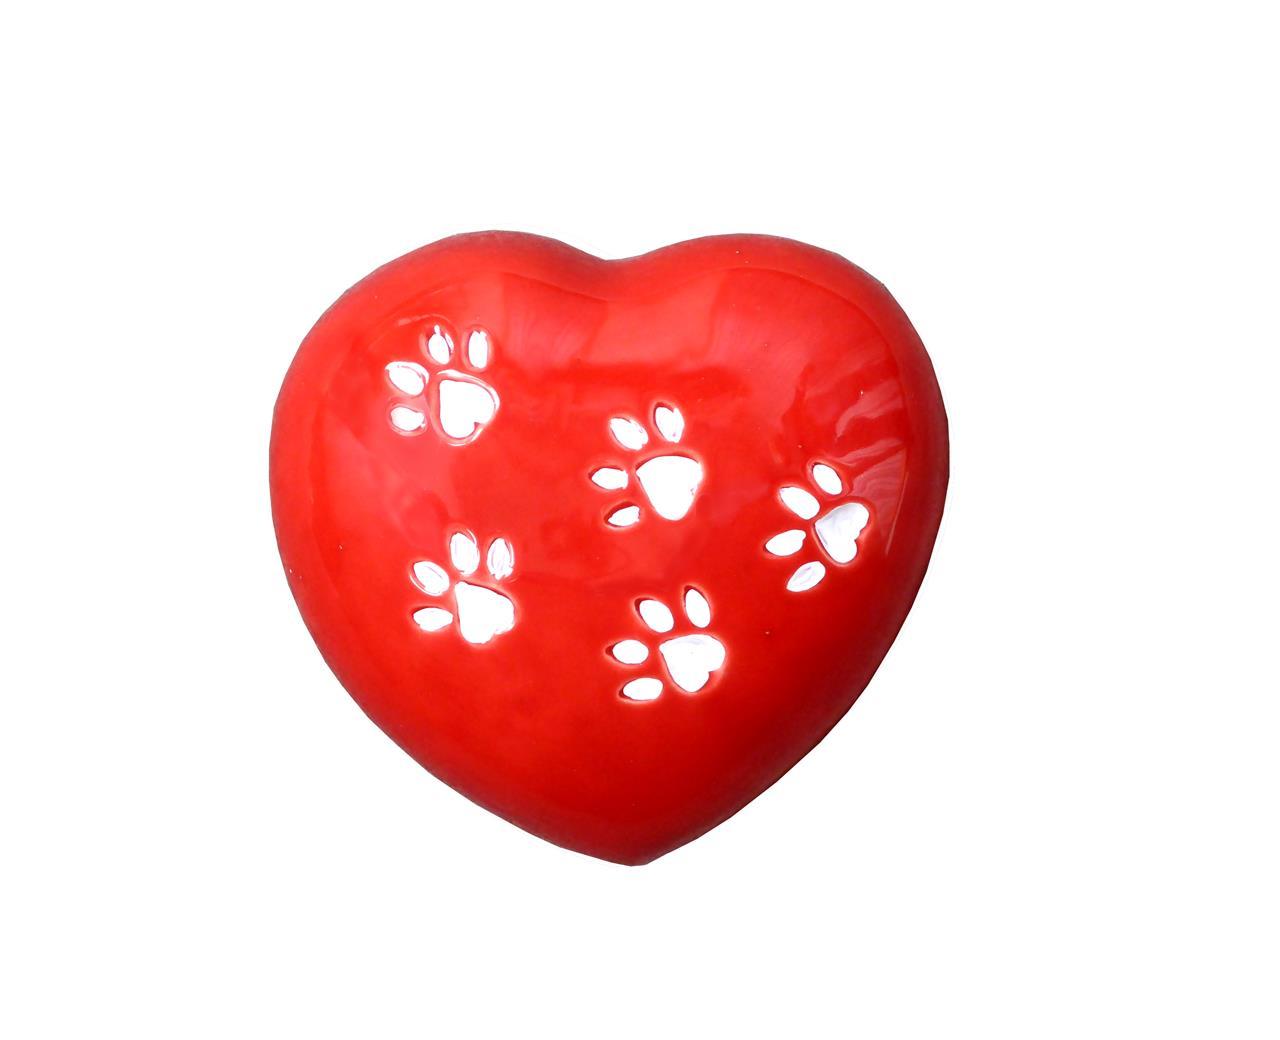 Urna cuore rosso animali - Bertoncello Graziano